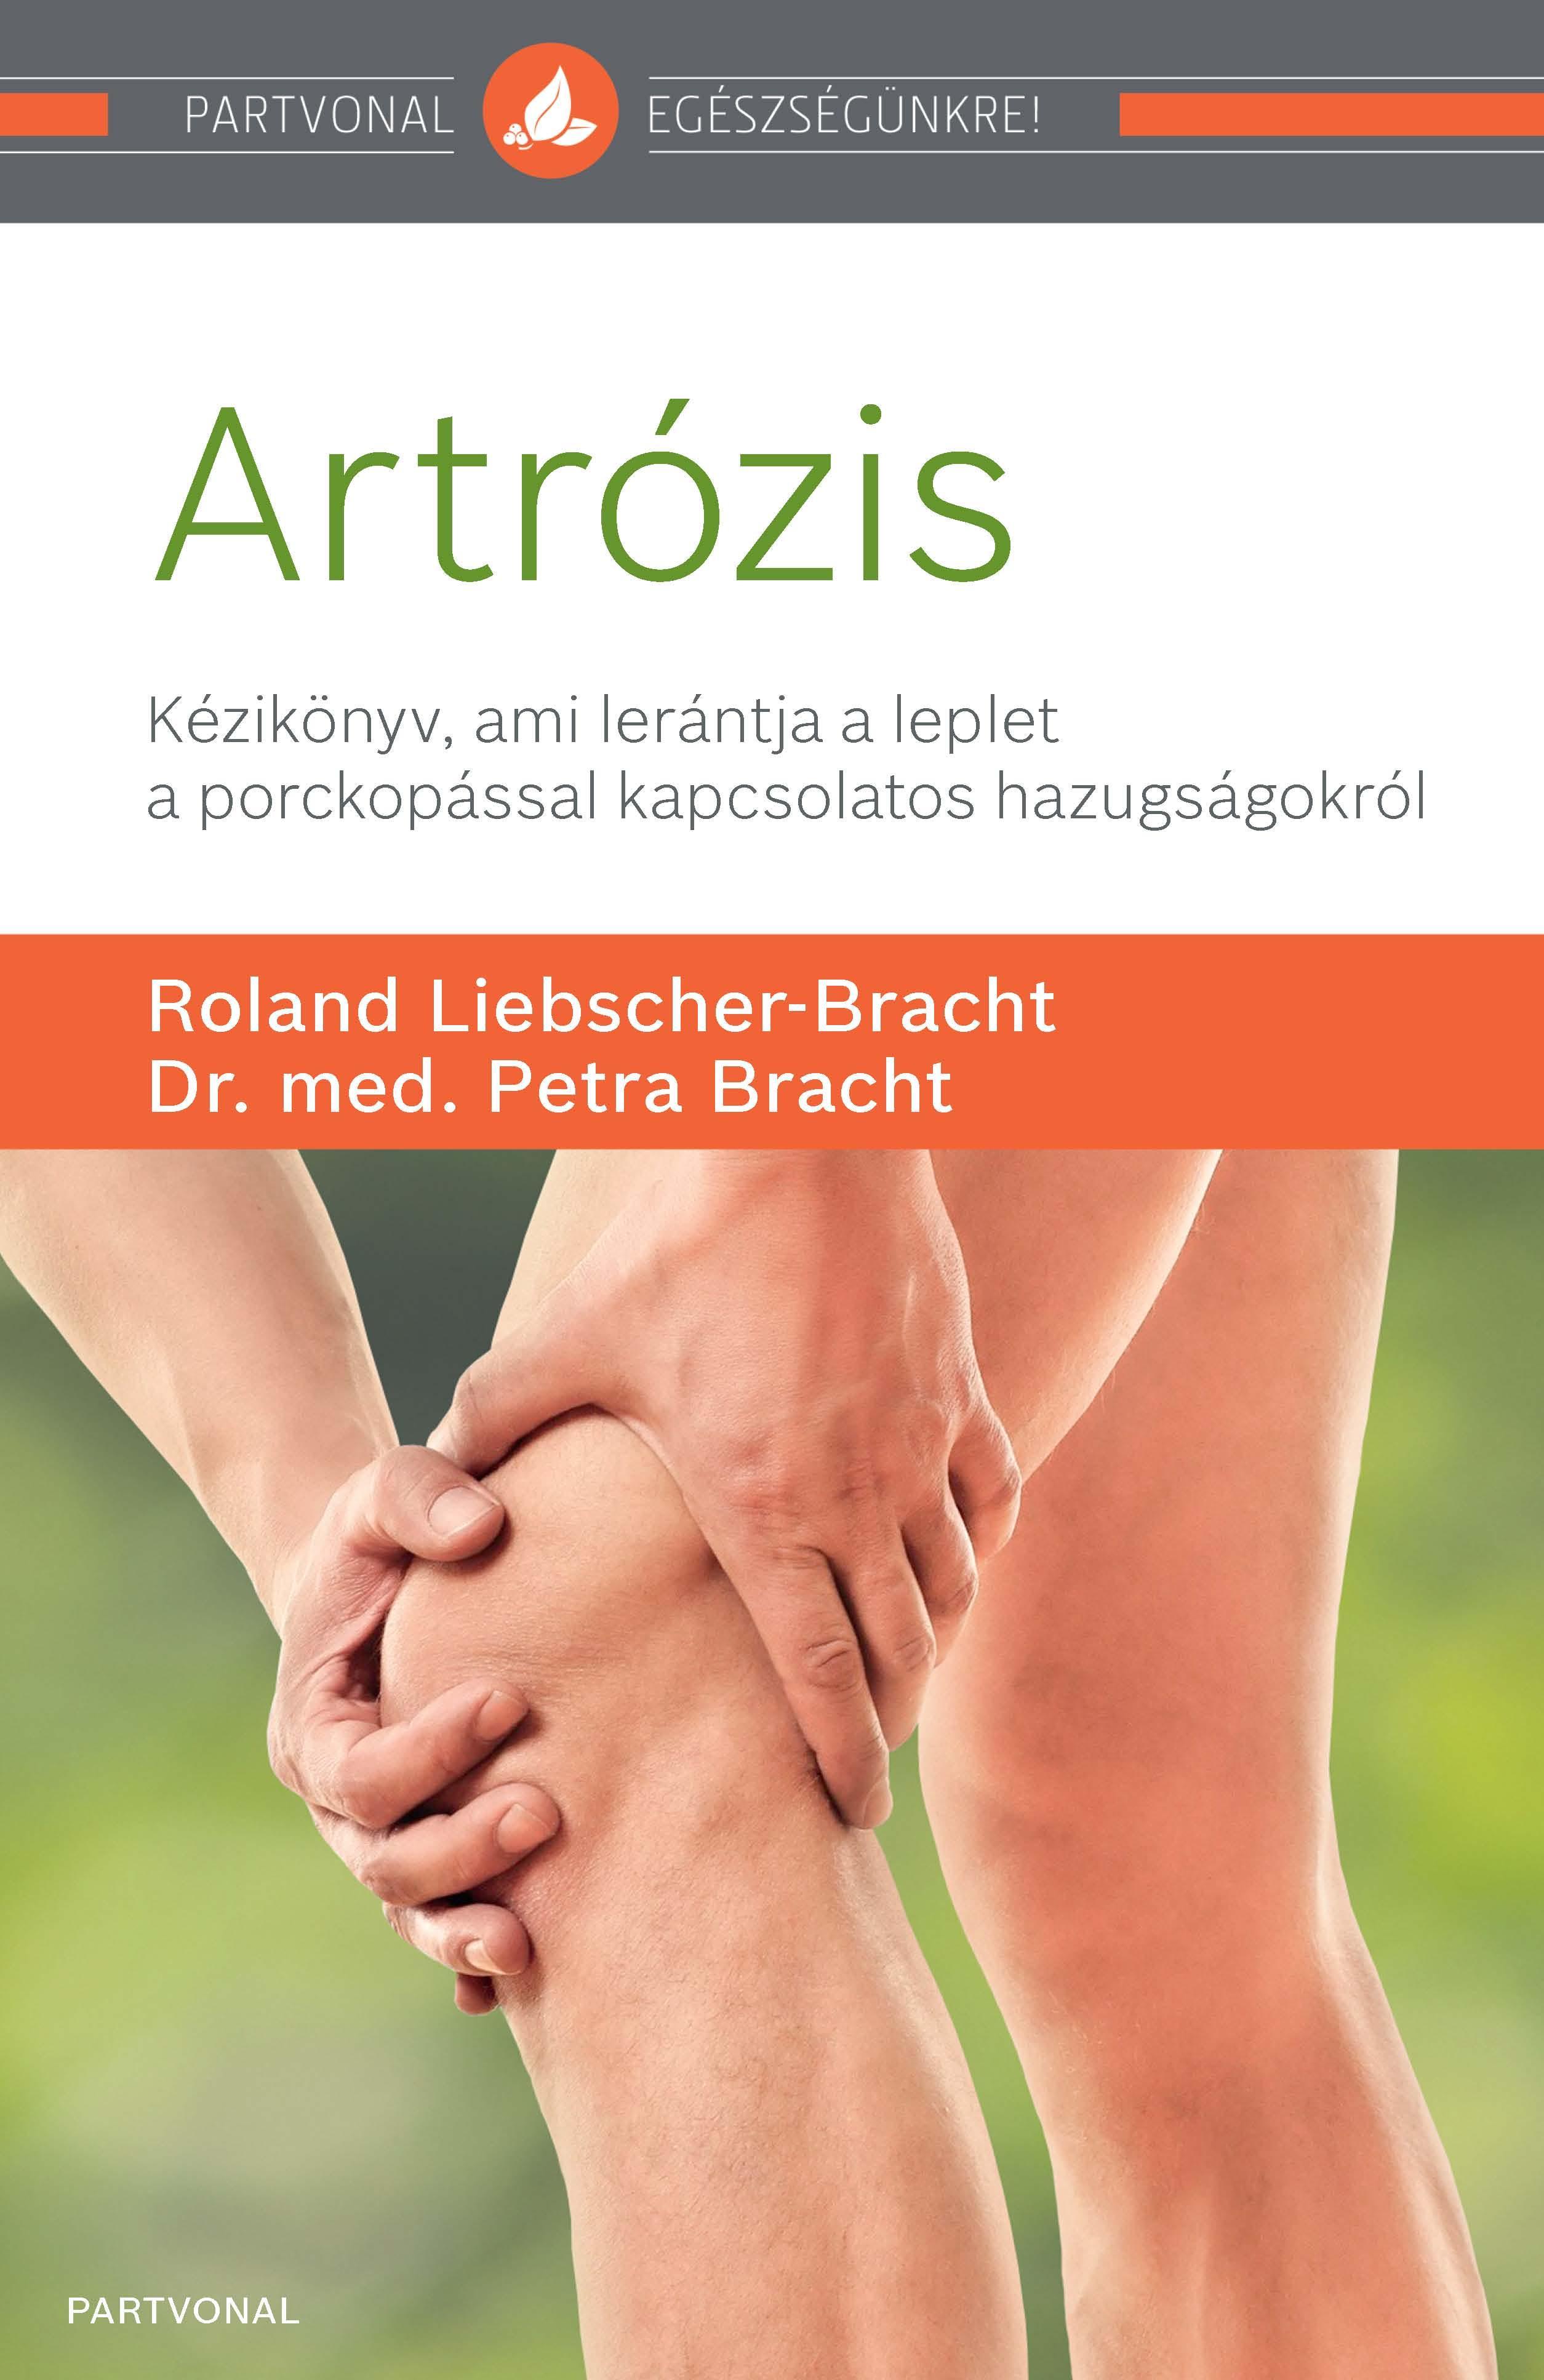 újdonságok az artrózis kezelésében